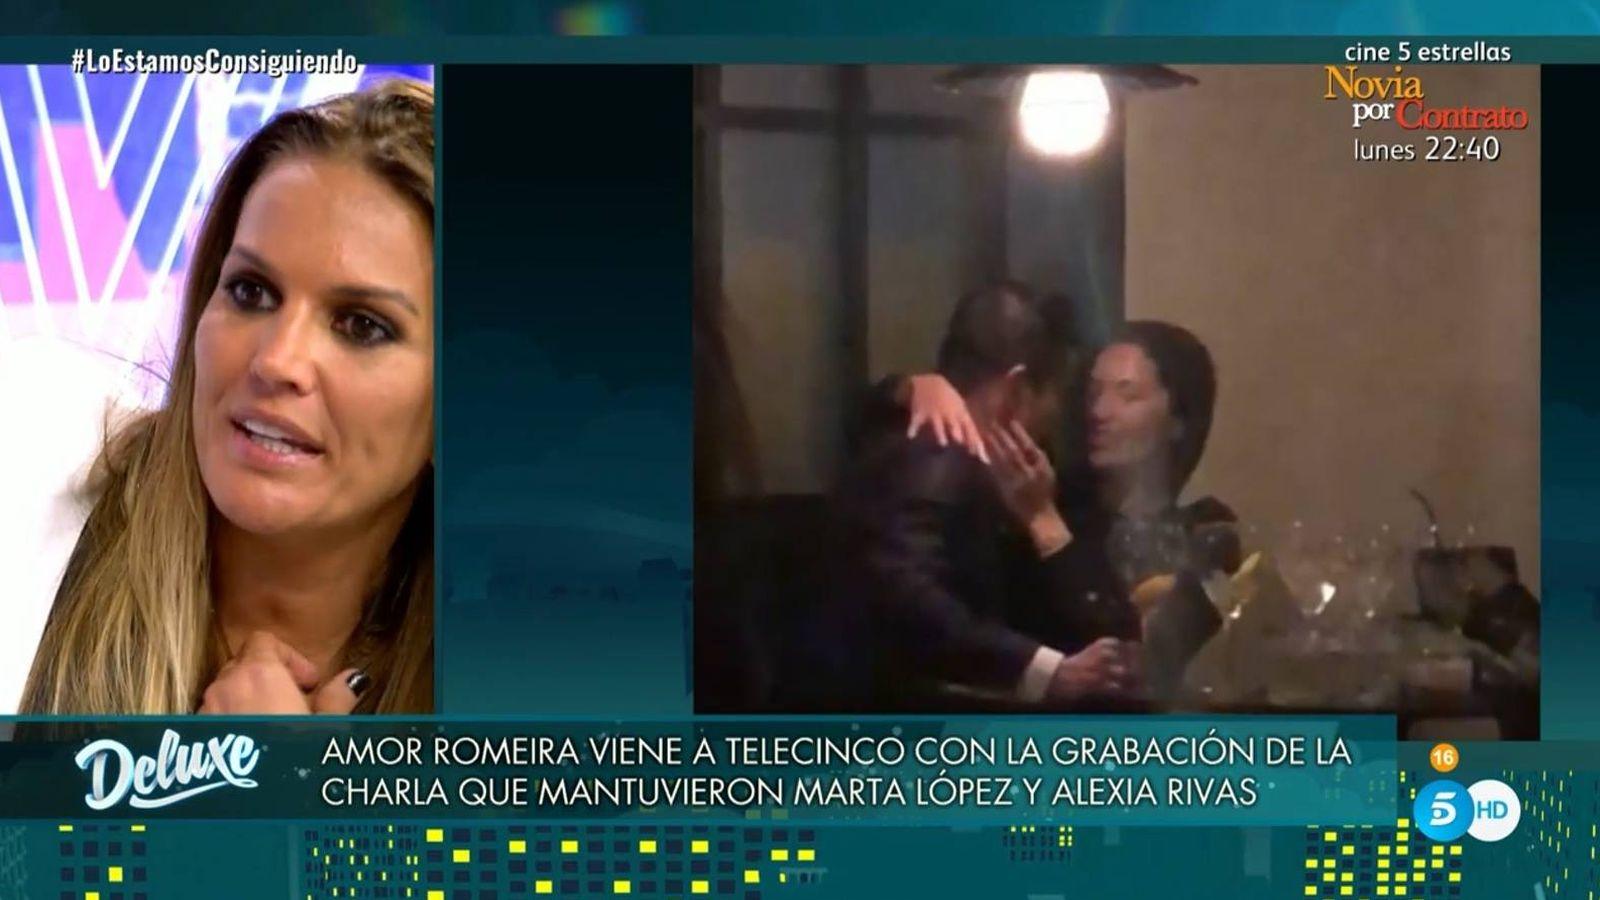 Marta lopez video porno Marta Lopez Descubre En El Deluxe Un Nuevo Video Comprometedor De Alfonso Merlos